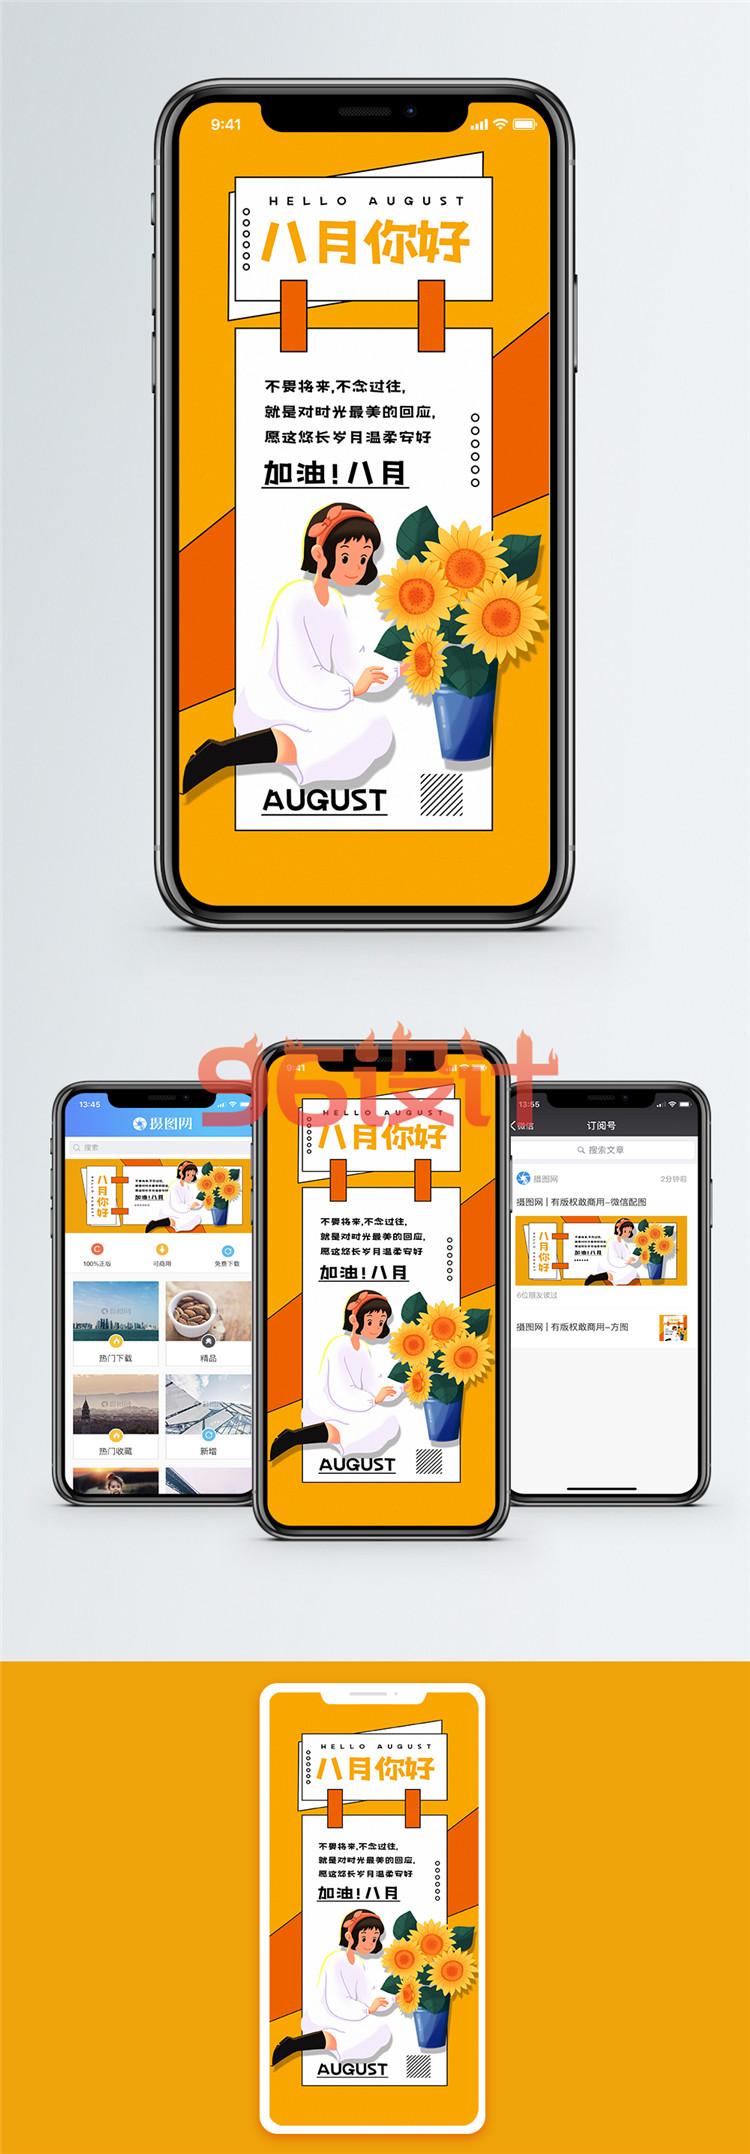 爱上源码网文章你好八月手机海报配图图片素材下载 新媒体日签手机配图的内容插图